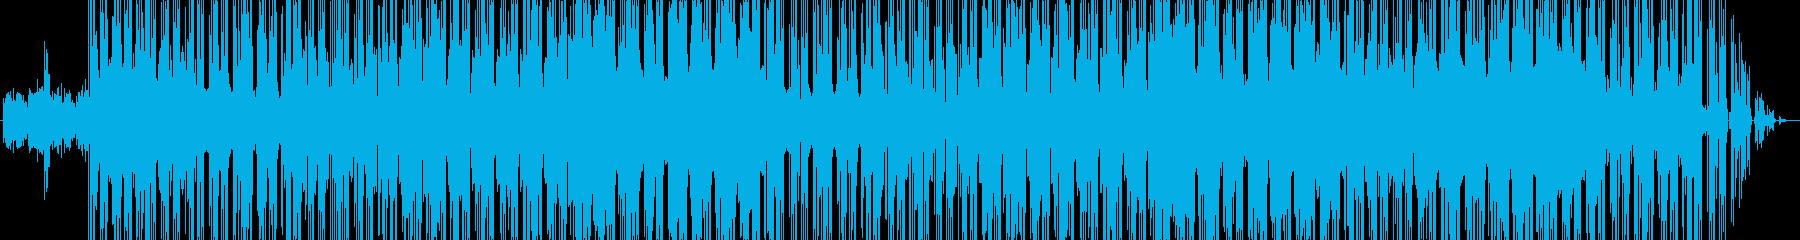 ヒップホップ風のテクノポップの再生済みの波形